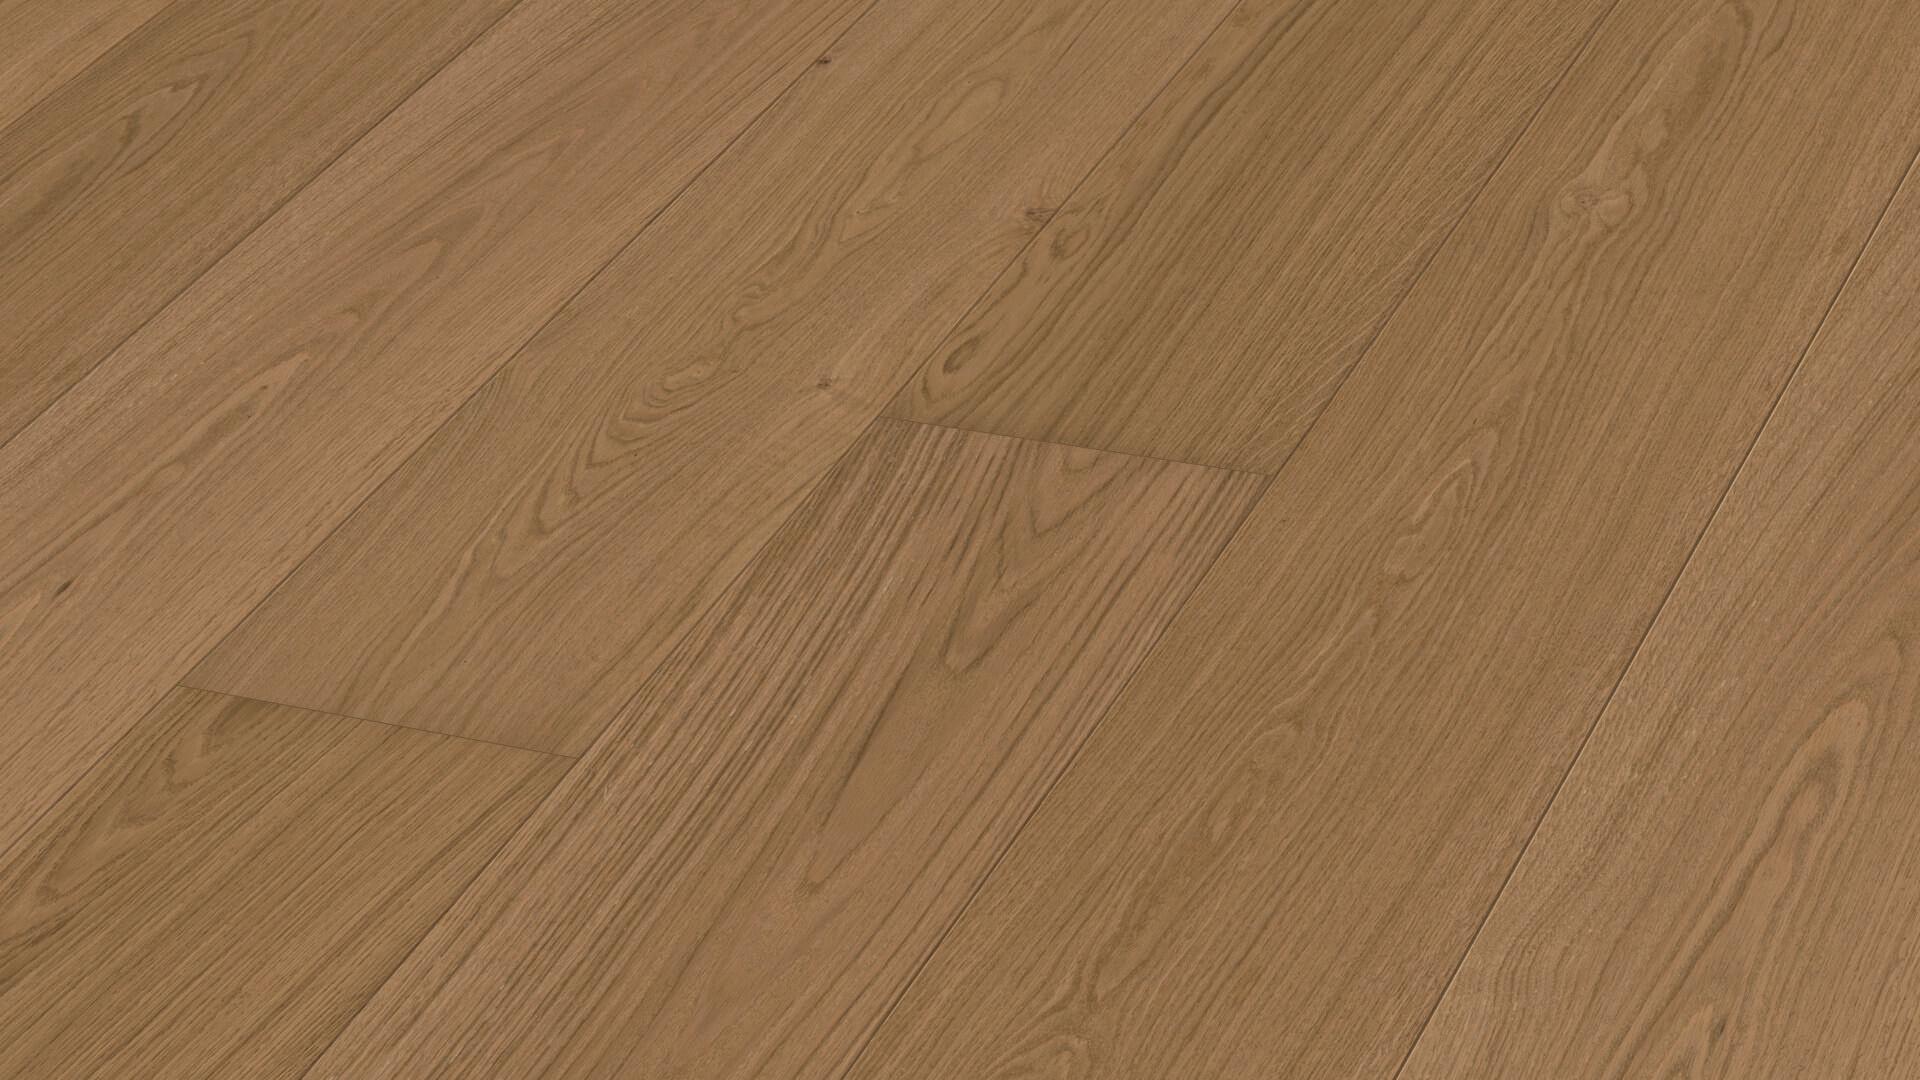 Lindura houten vloer HD 400 Eik natuur lichtbruin 8731